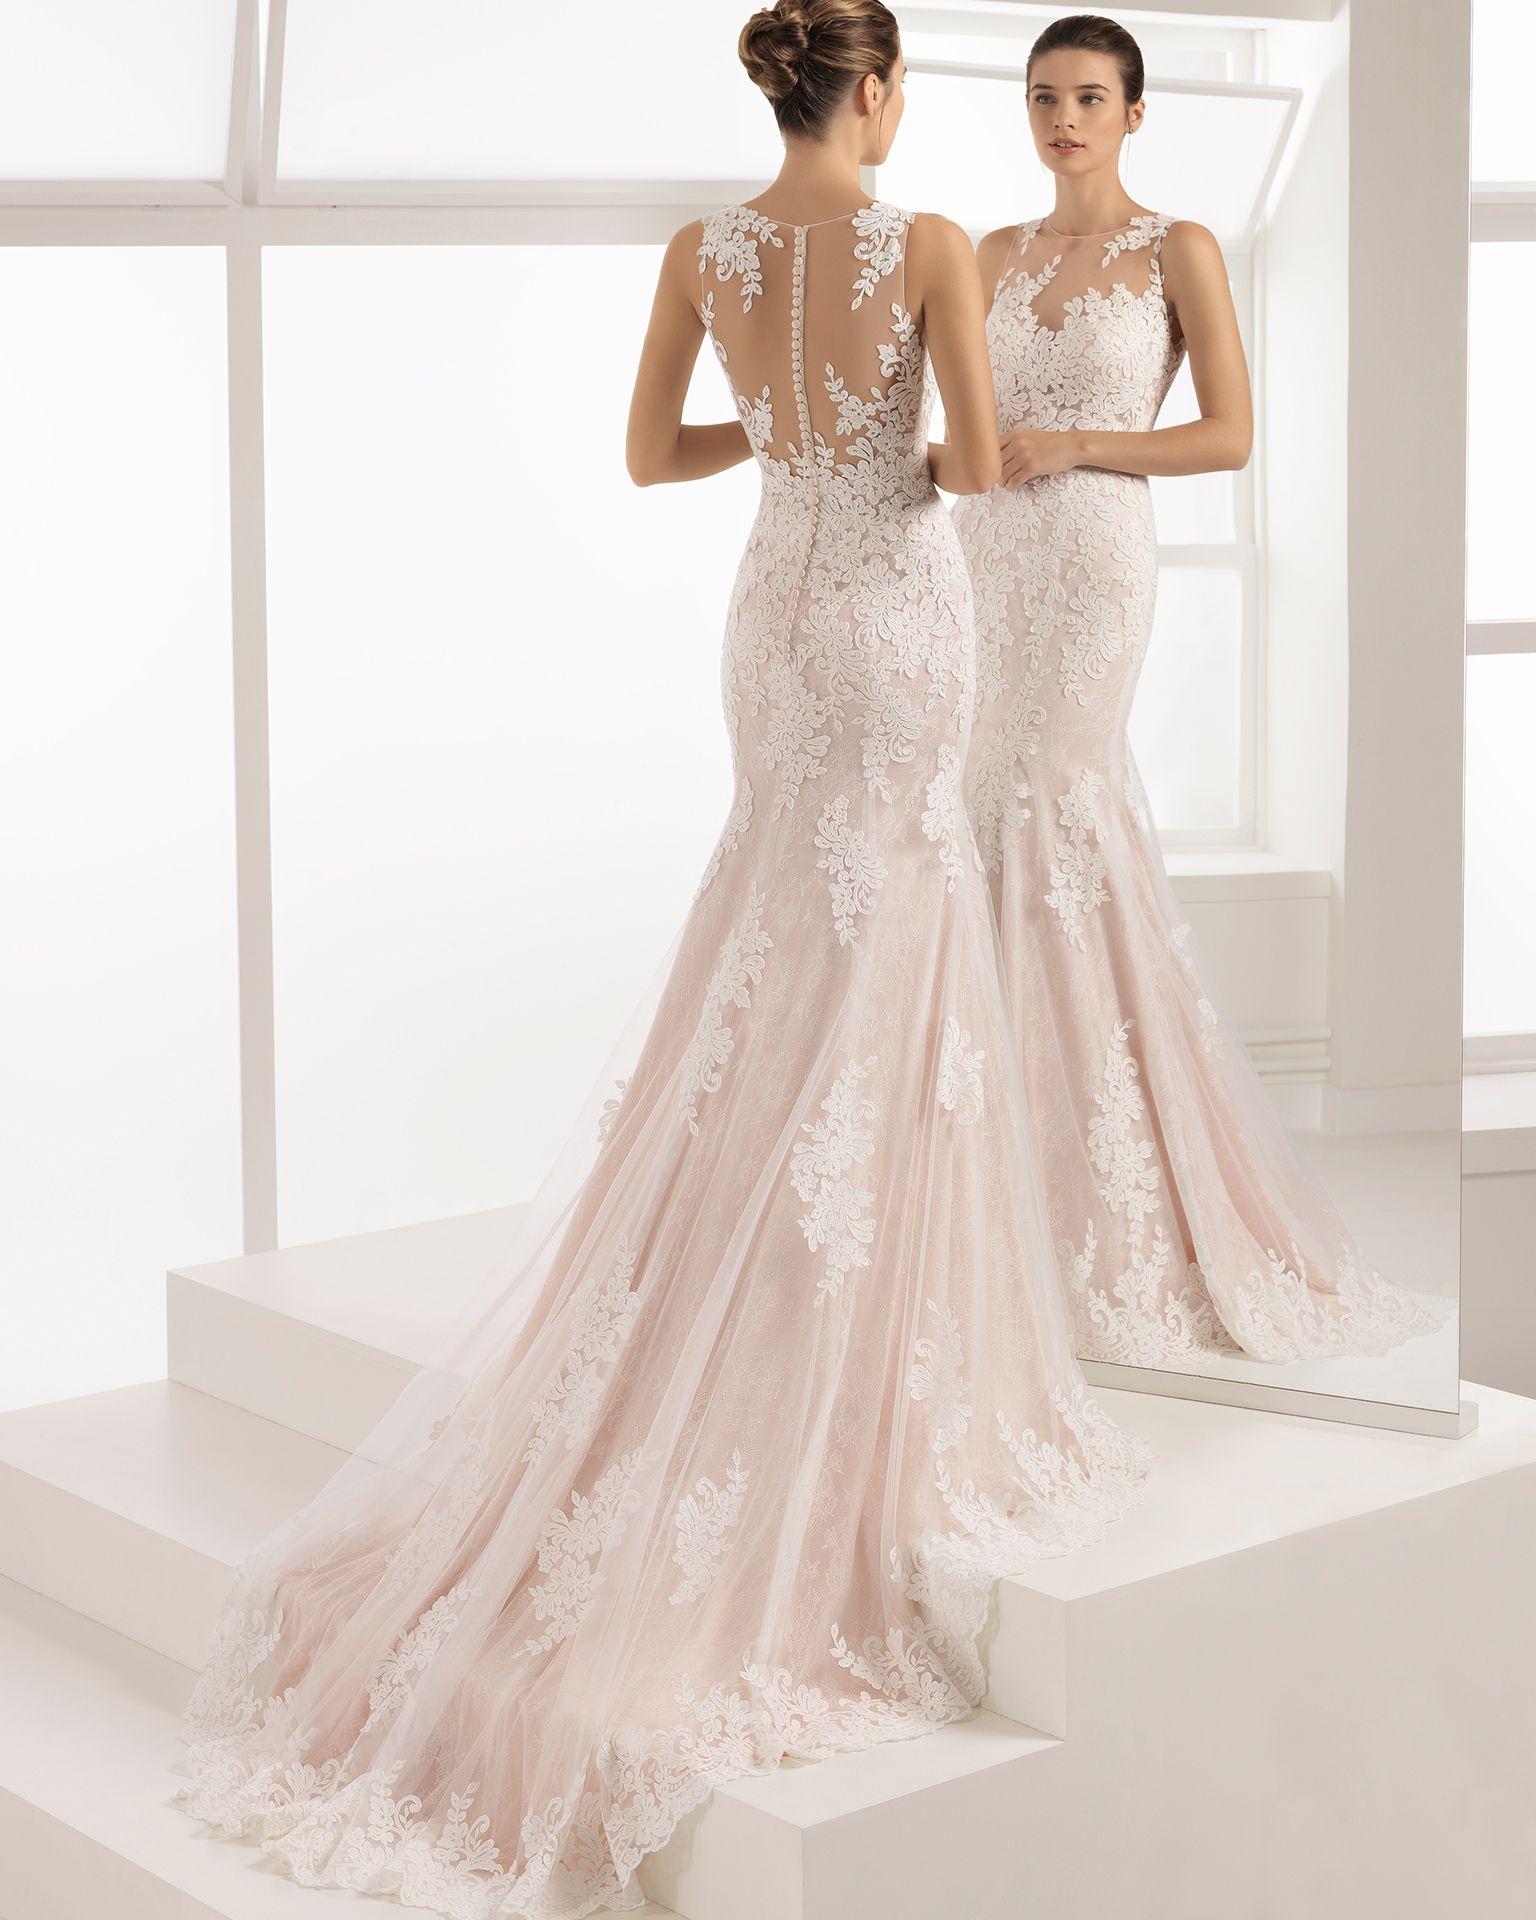 Ecru wedding dress  Romantisches Brautkleid aus transparenter Spitze mit